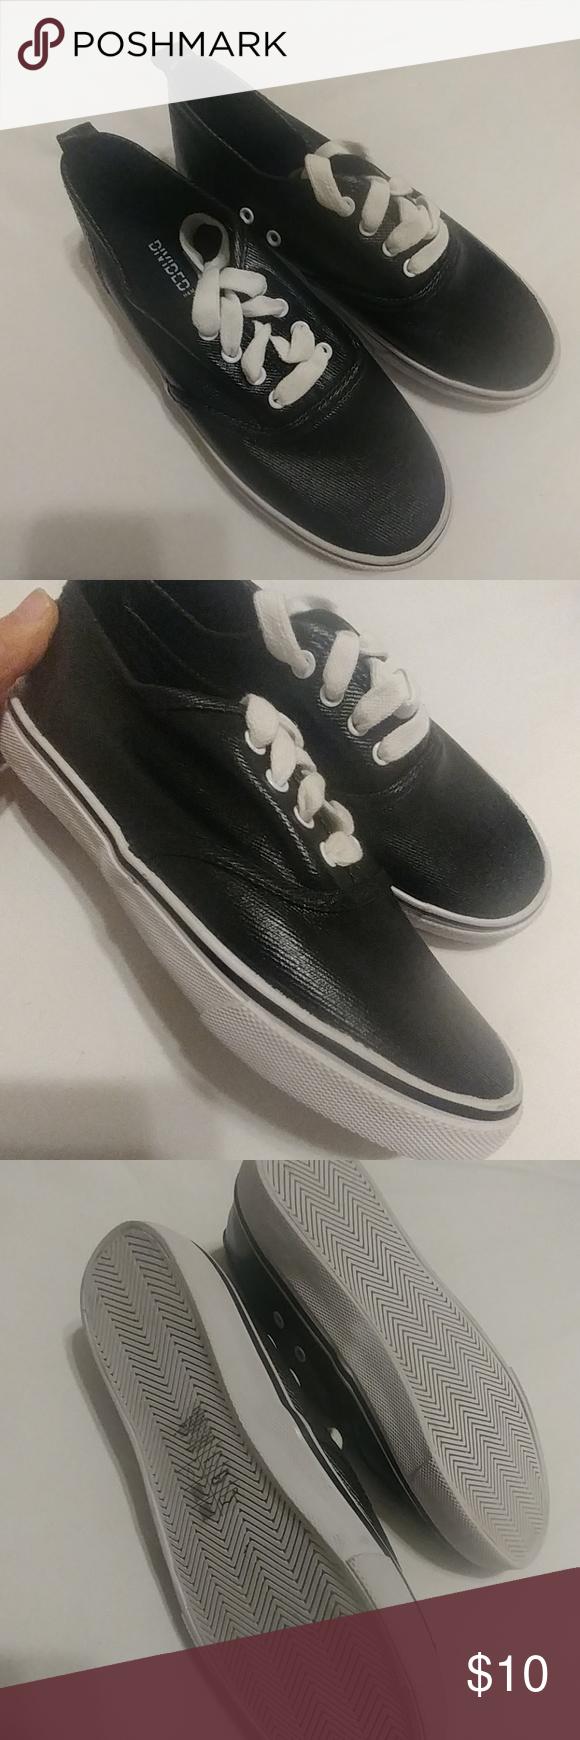 Tennis shoes, Shoes, H\u0026m shoes